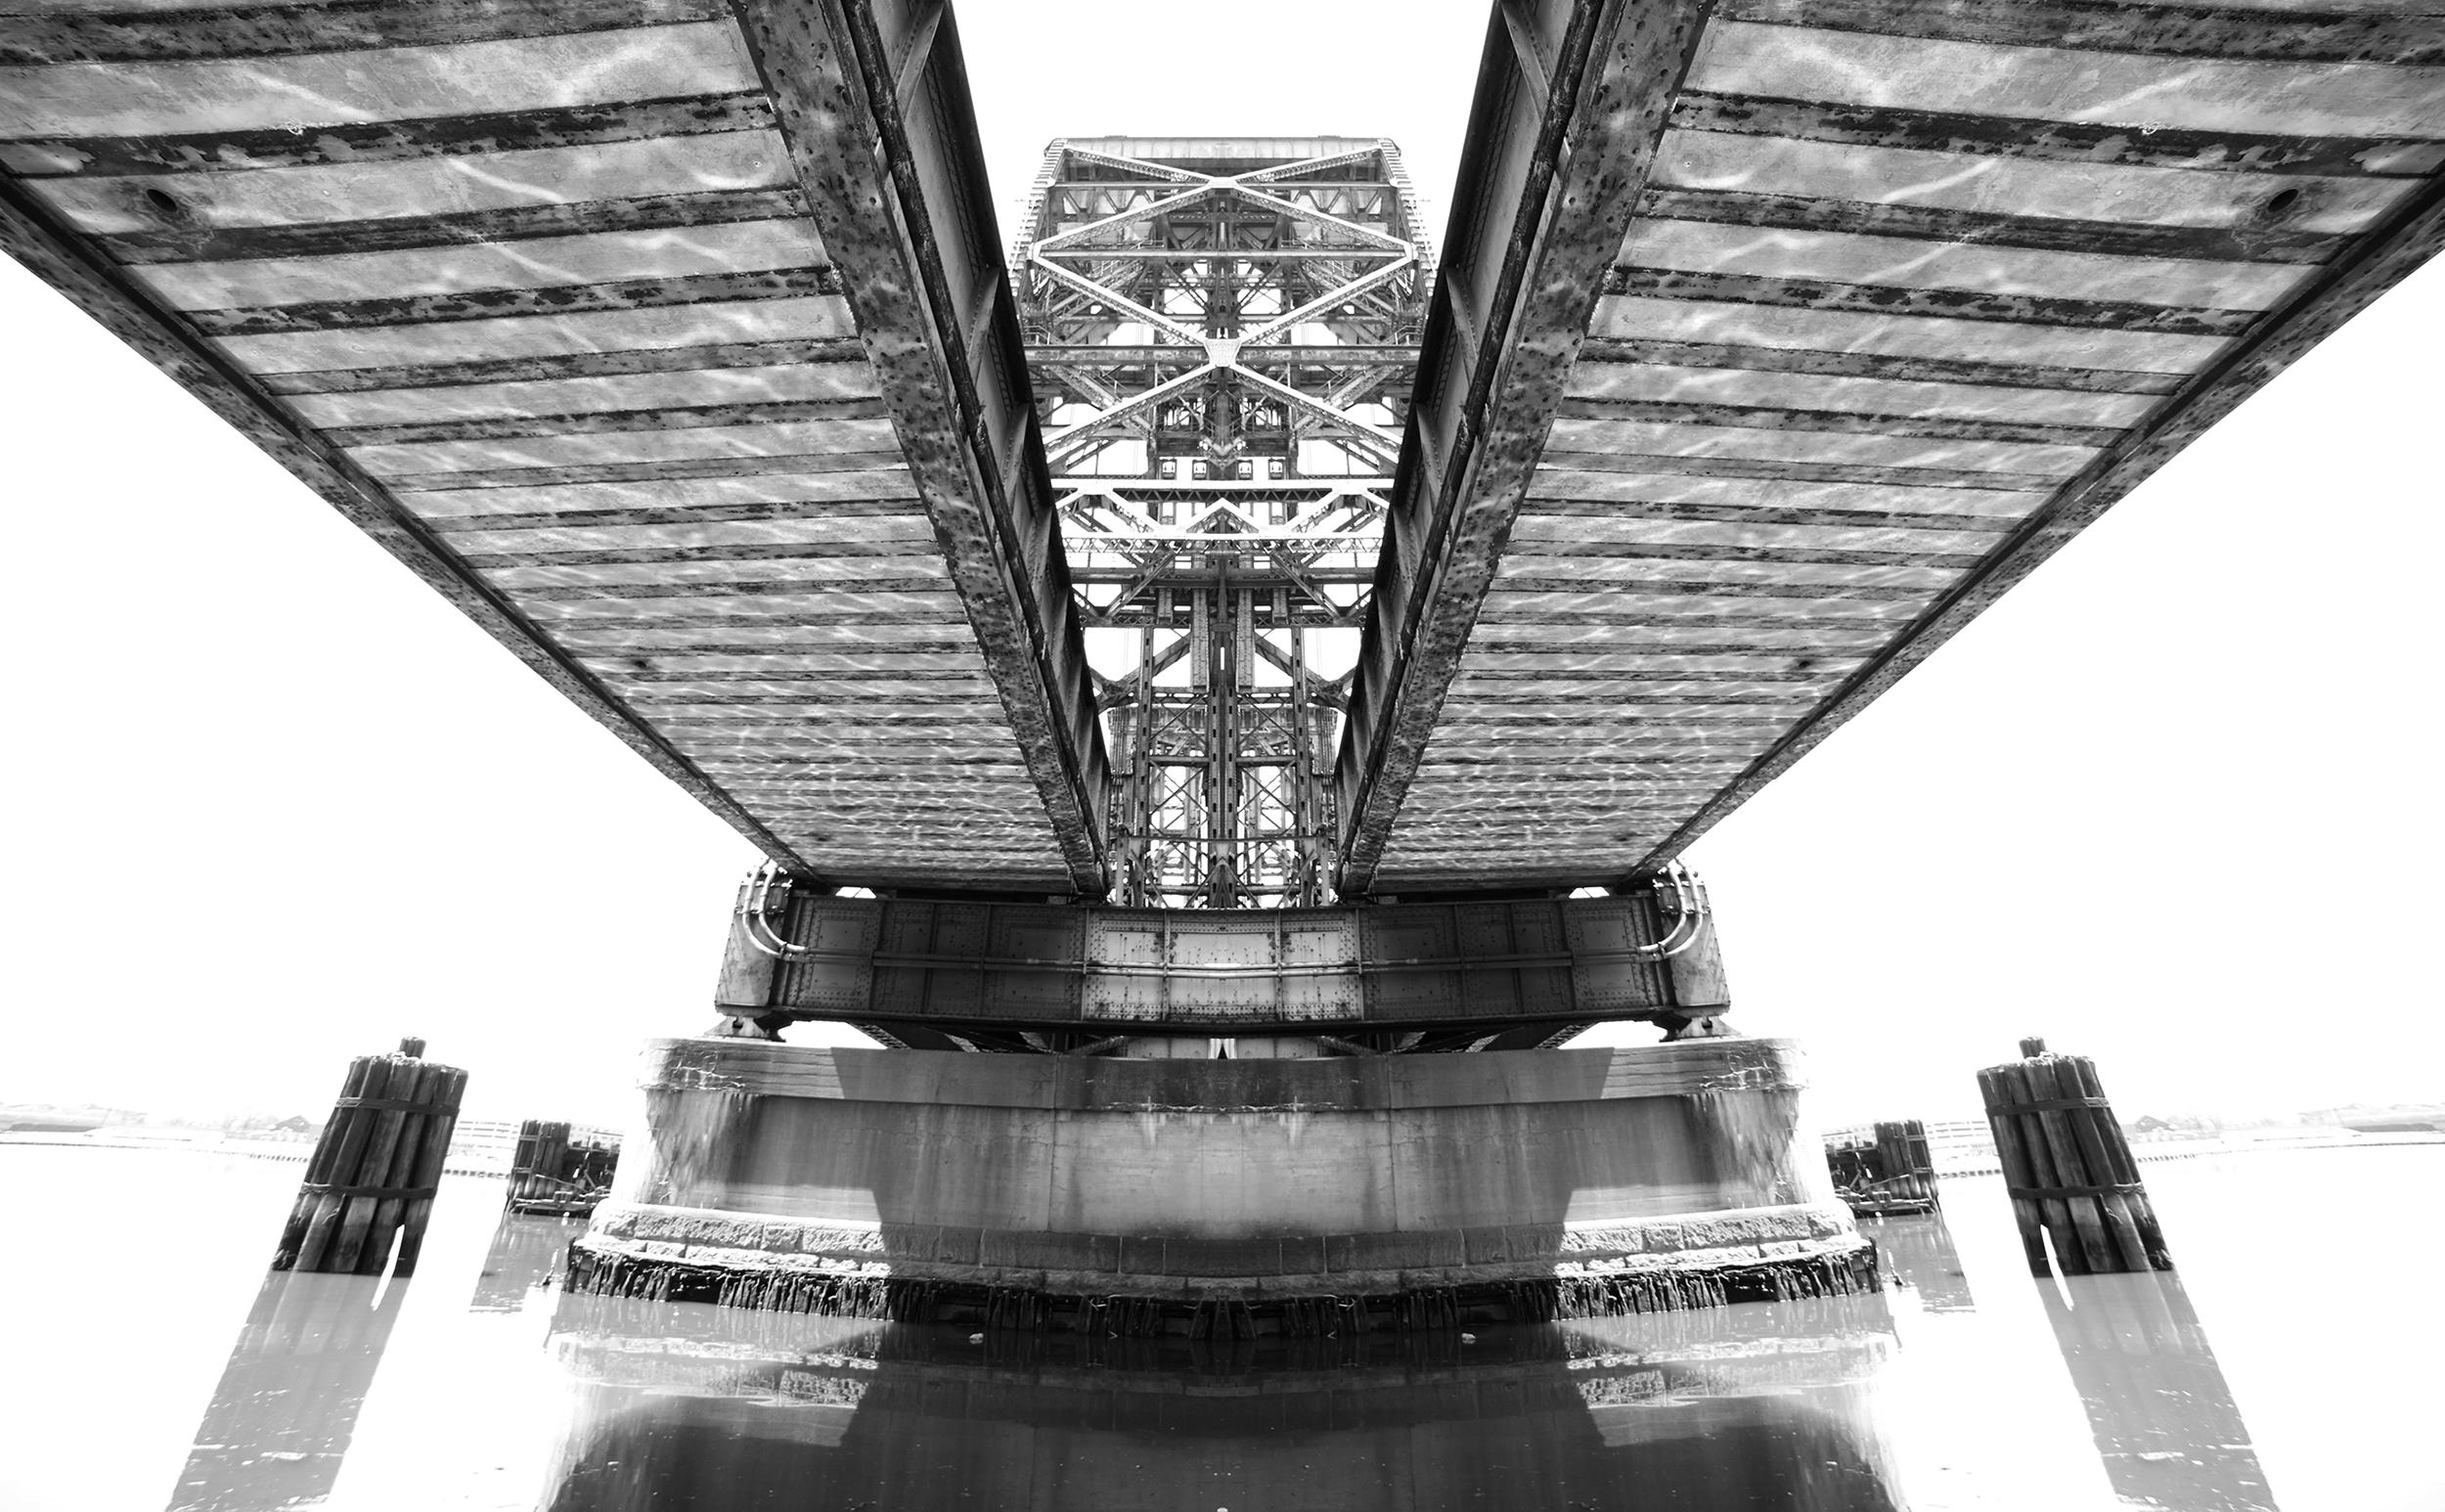 Bridge_Transformer_1.jpg